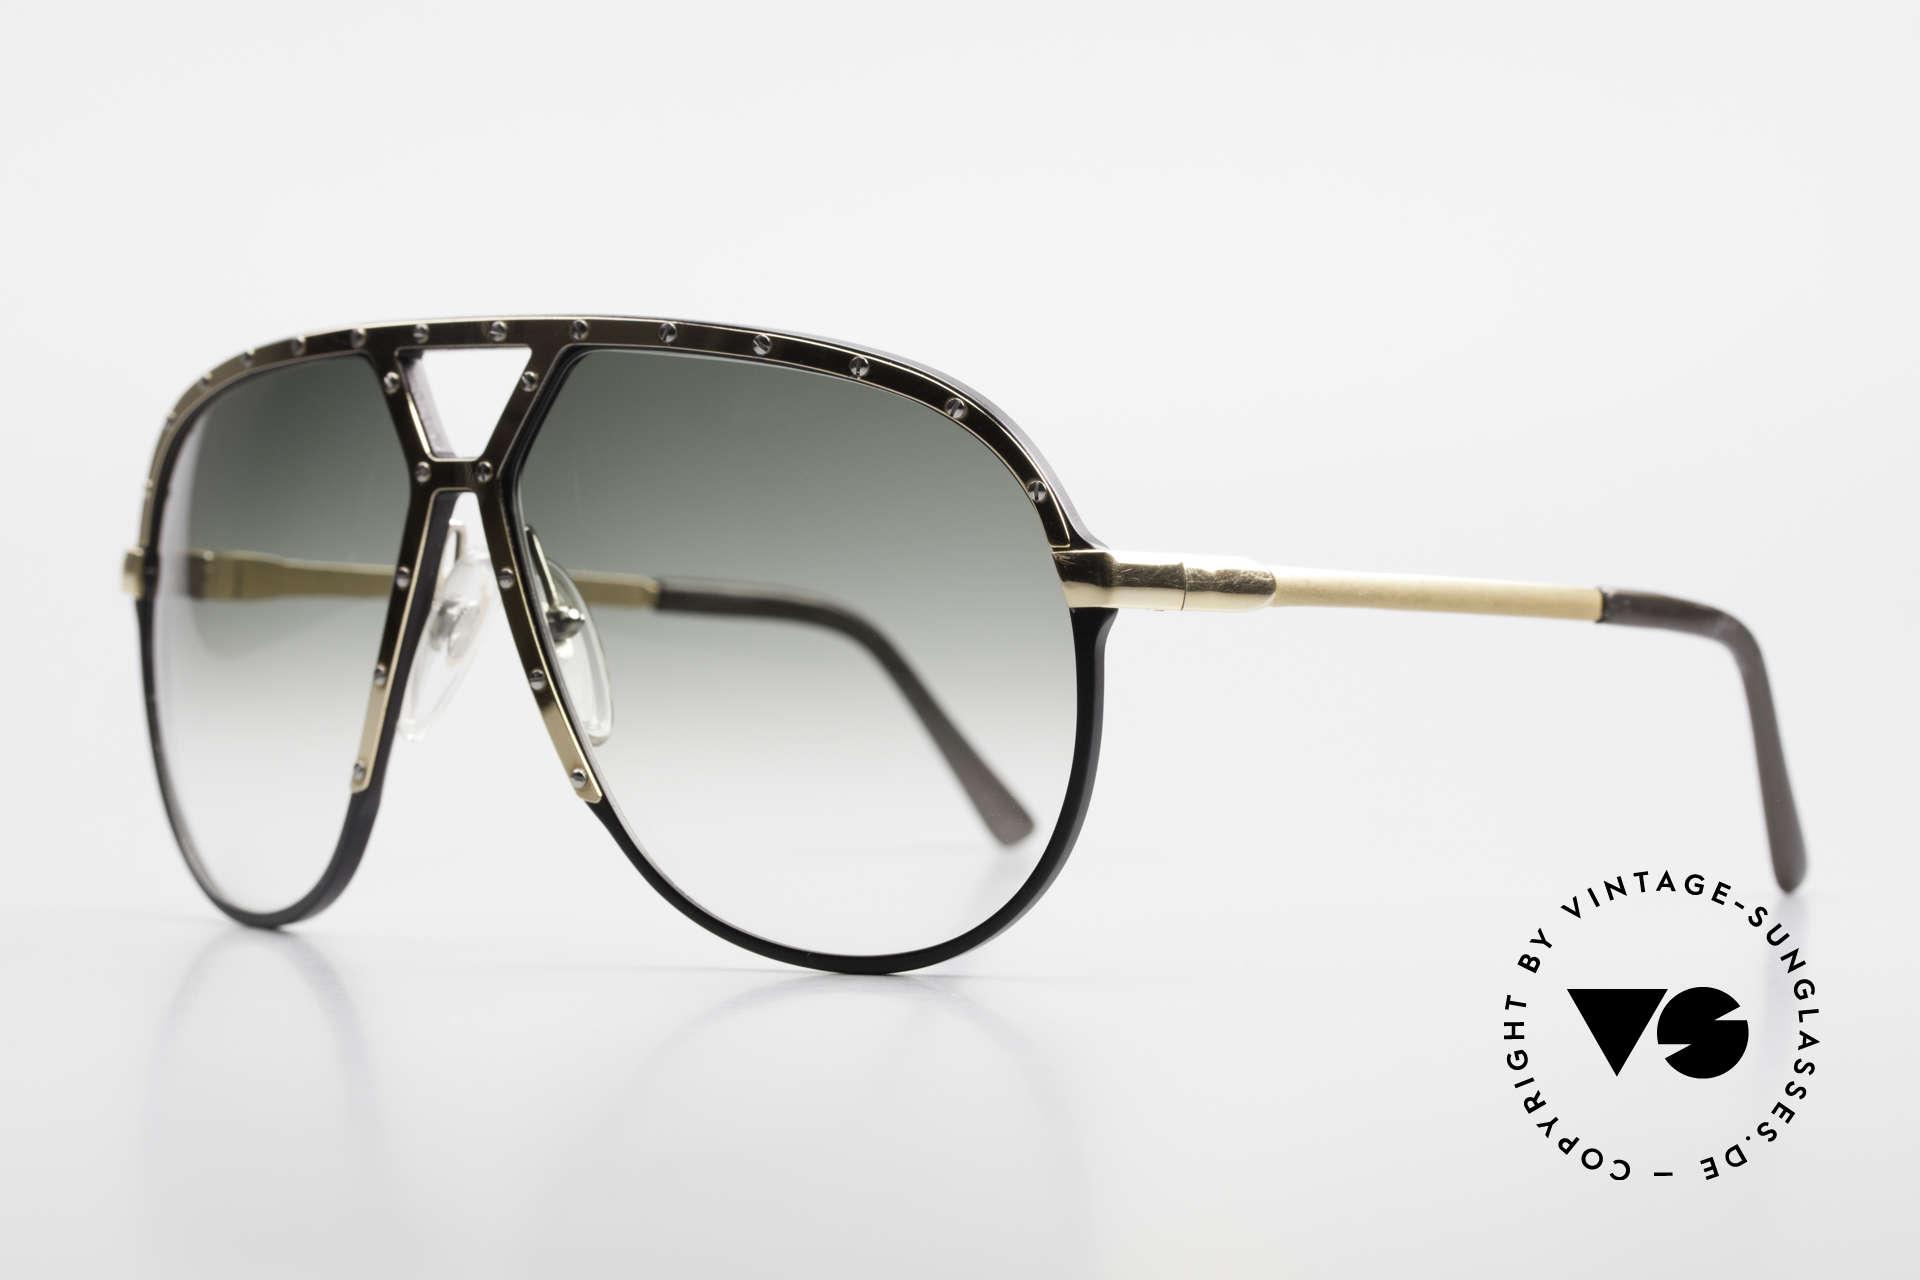 Alpina M1 80er Sonnenbrille W Germany, zu sehen auf Plattencovern, Fotos und Konzerten, Passend für Herren